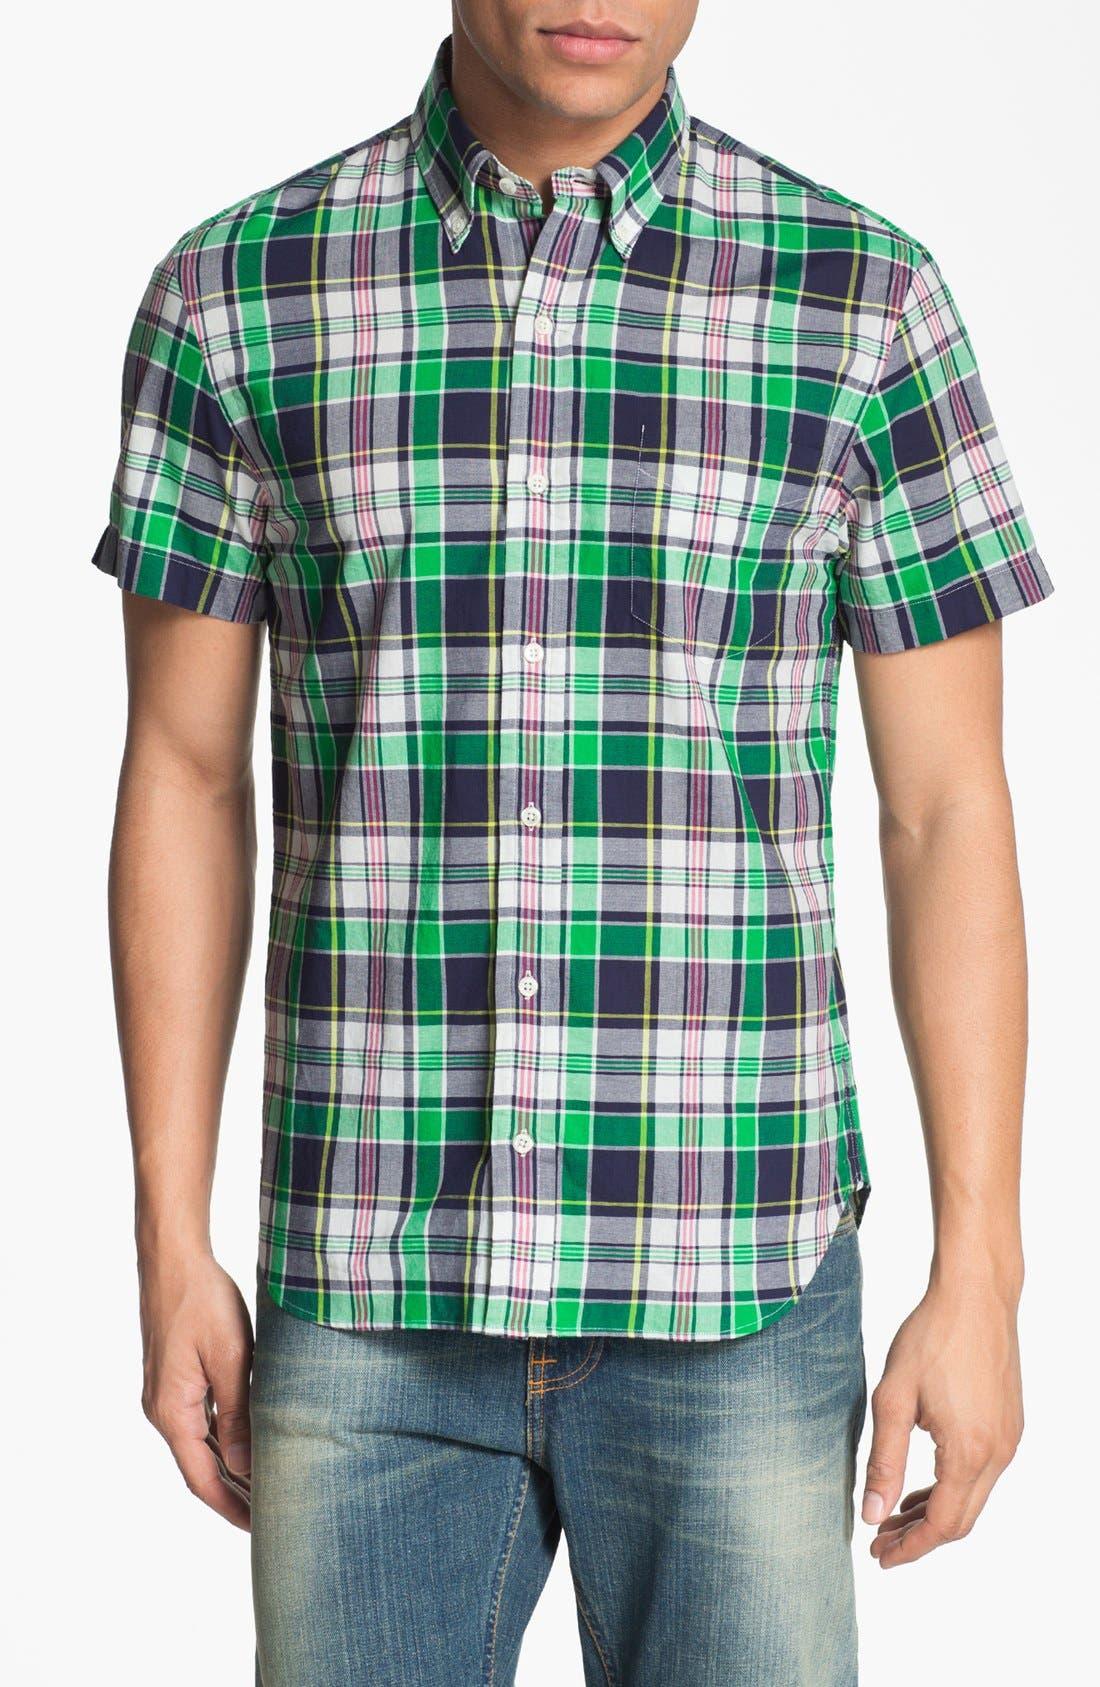 Main Image - J. Press York Street Short Sleeve Plaid Cotton Shirt